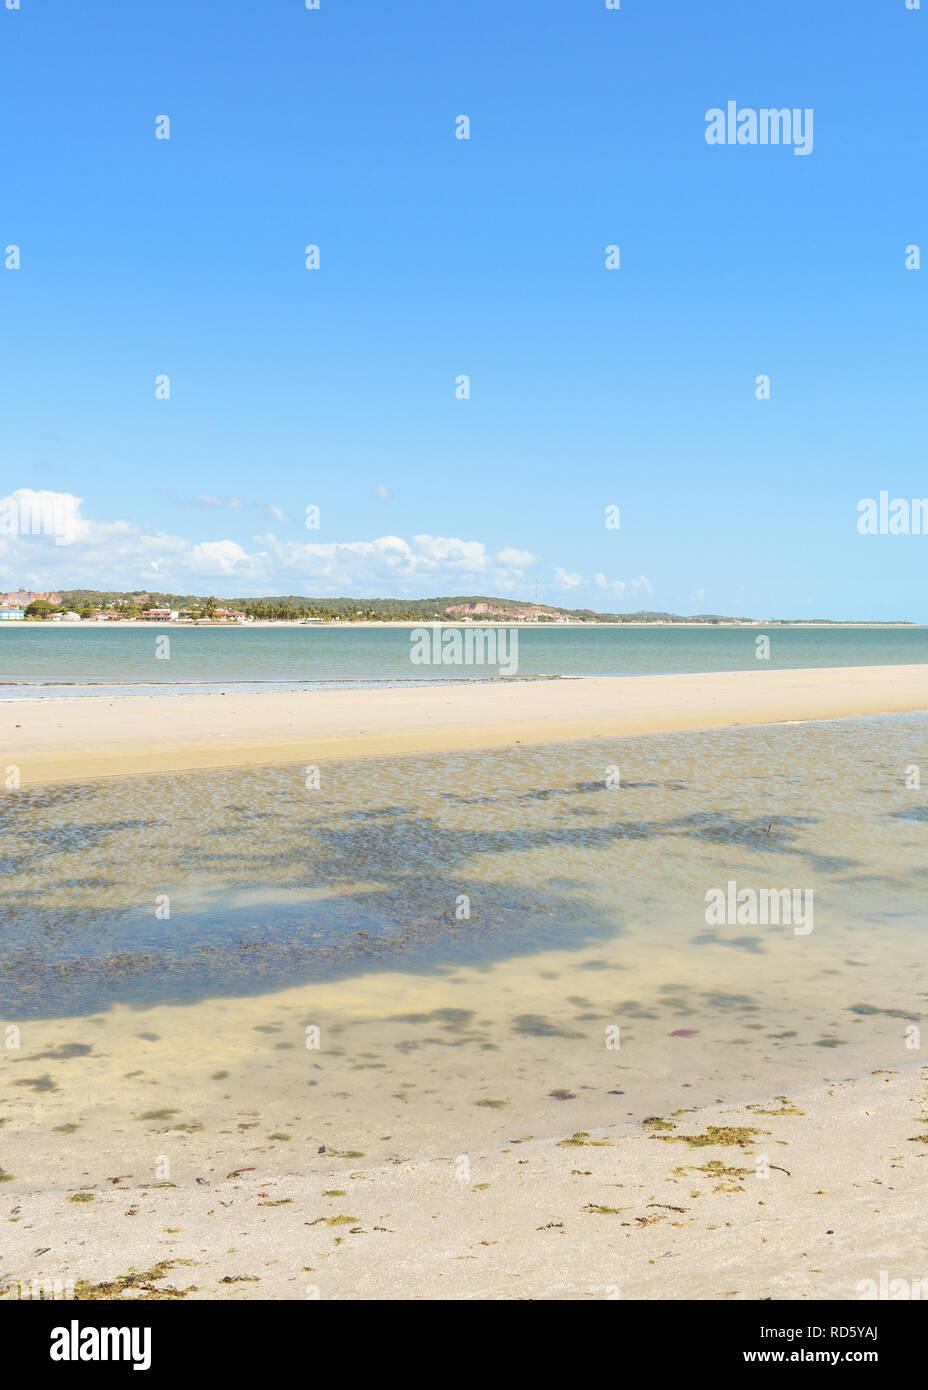 Seaweed and shallow waters on Coroa do Aviao islet - Igarassu, Pernambuco, Brazil - Stock Image